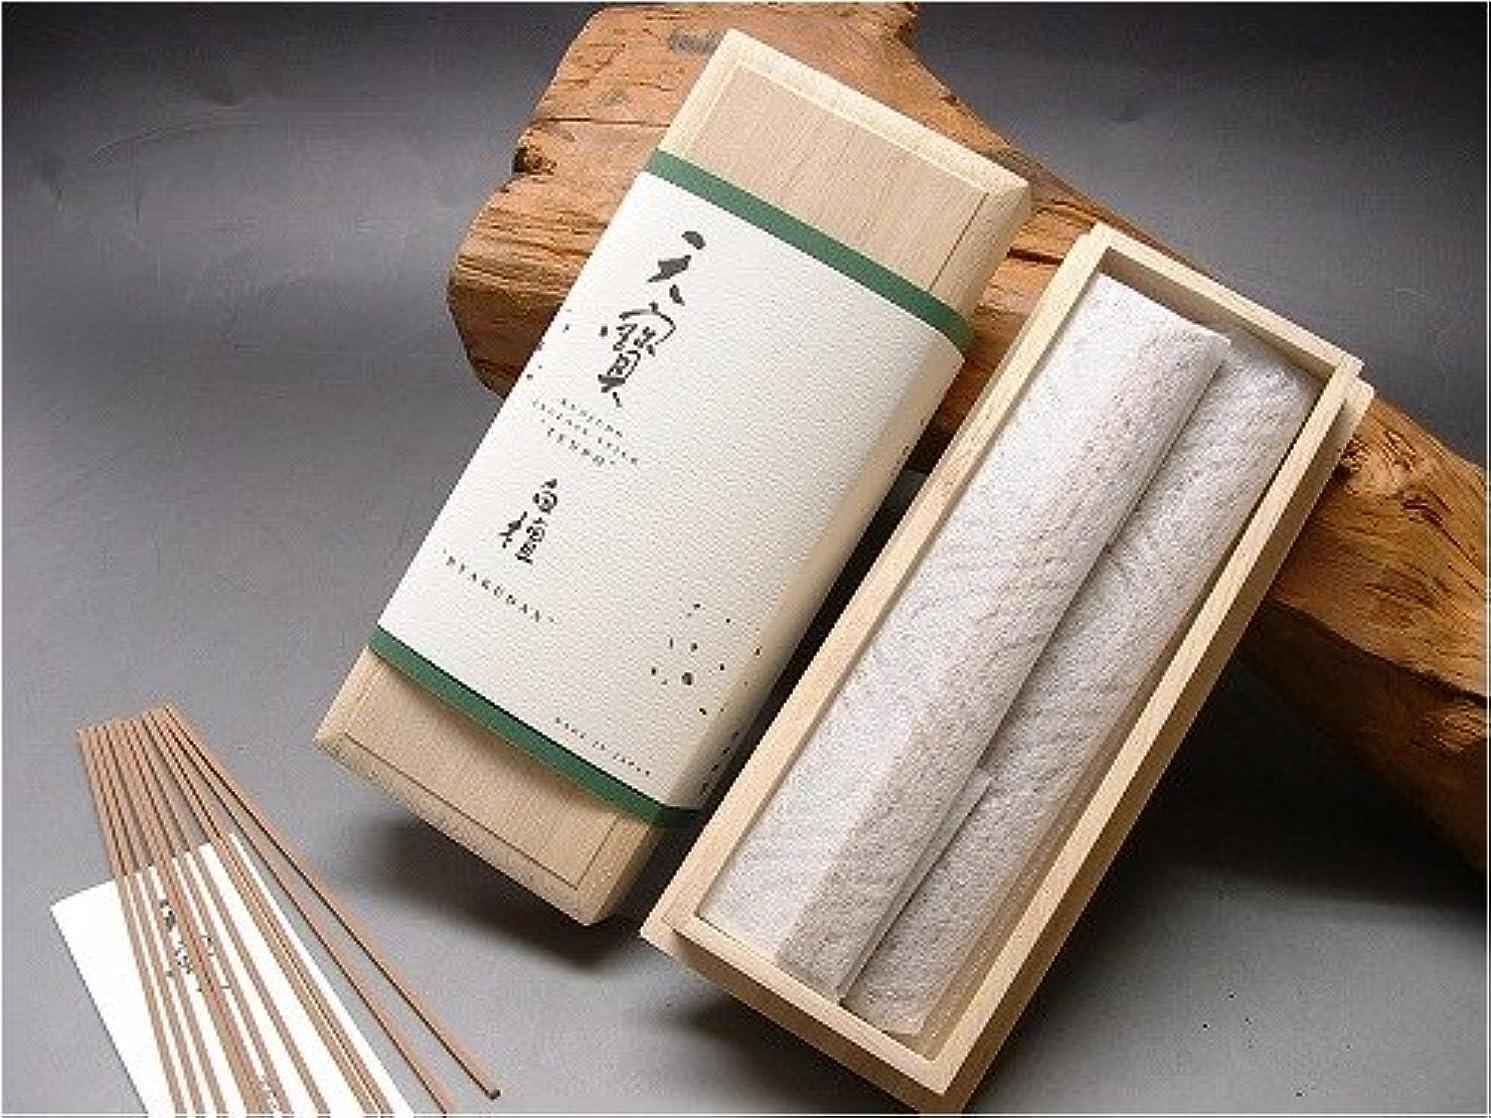 プレビュー価格スイス人薫寿堂のお香 天寶 白檀 スティック型